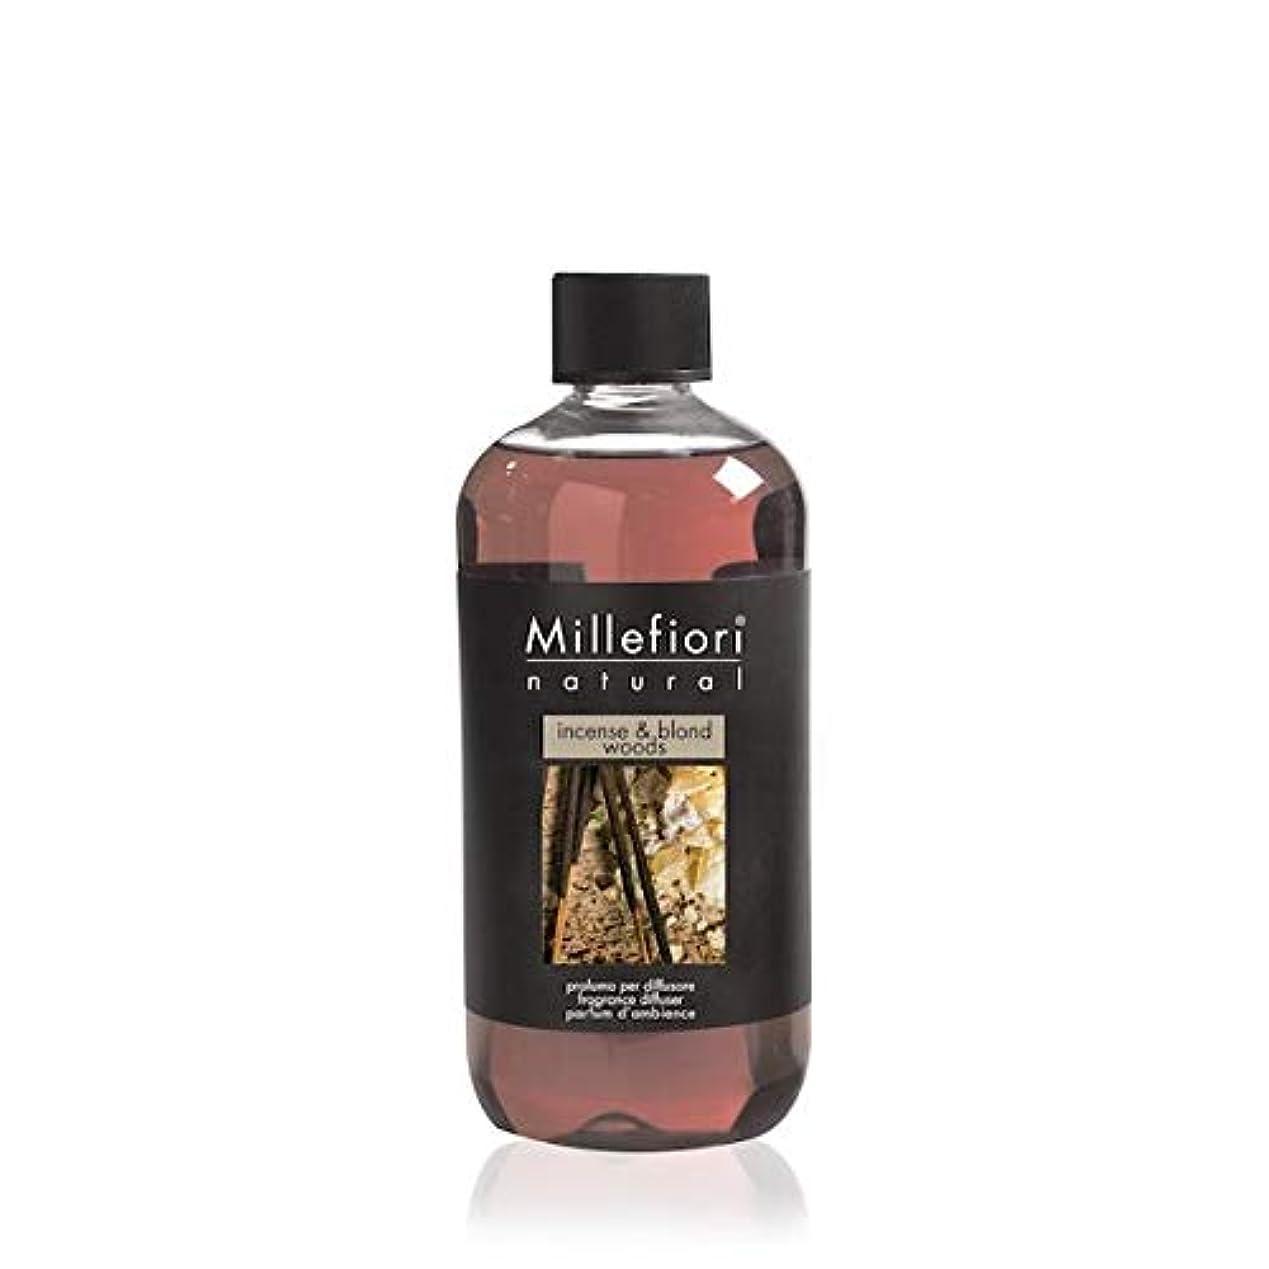 スロープ説教写真を撮るミッレフィオーリ(Millefiori) Natural インセンス&ブロンドウッズ(INCENSE & BLOND WOODS) 交換用リフィル500ml [並行輸入品]